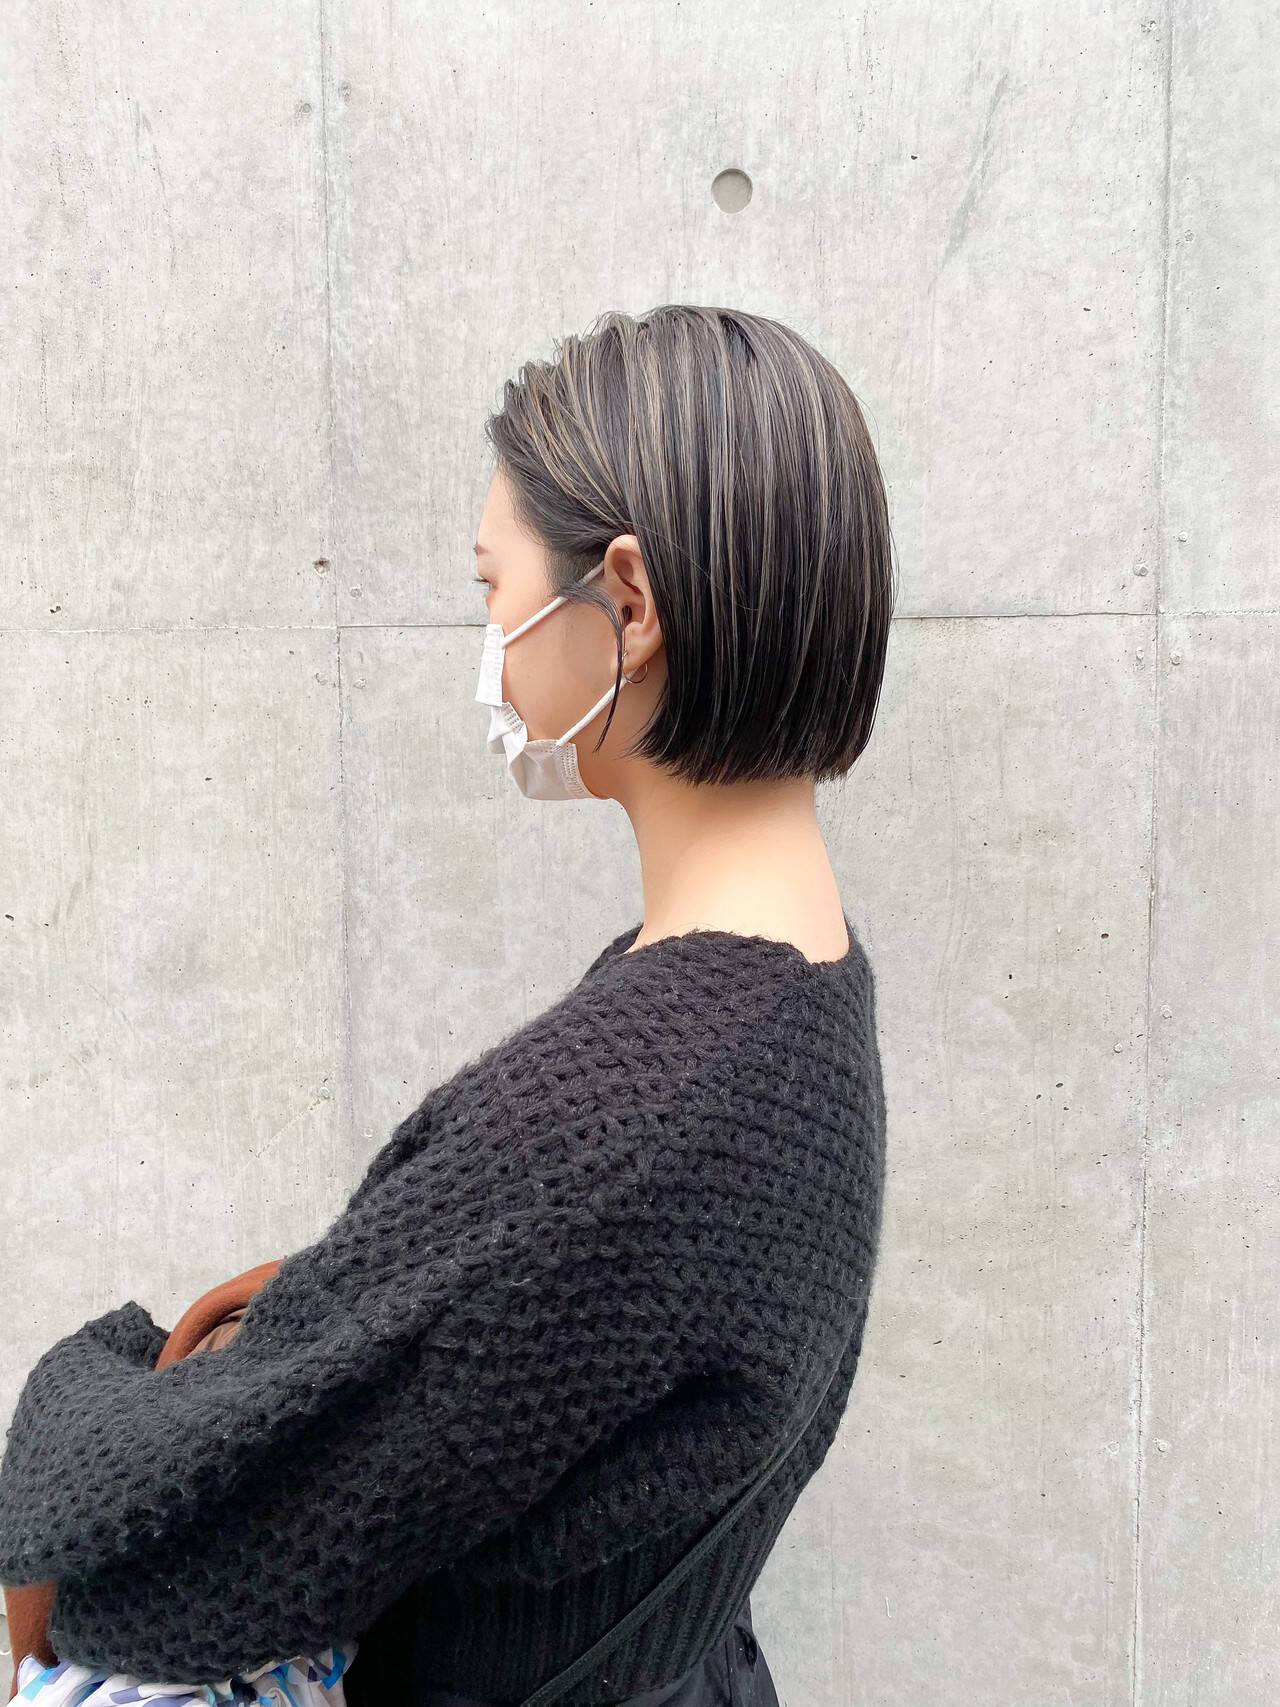 インナーカラー モード ショートヘア ショートヘアスタイルや髪型の写真・画像